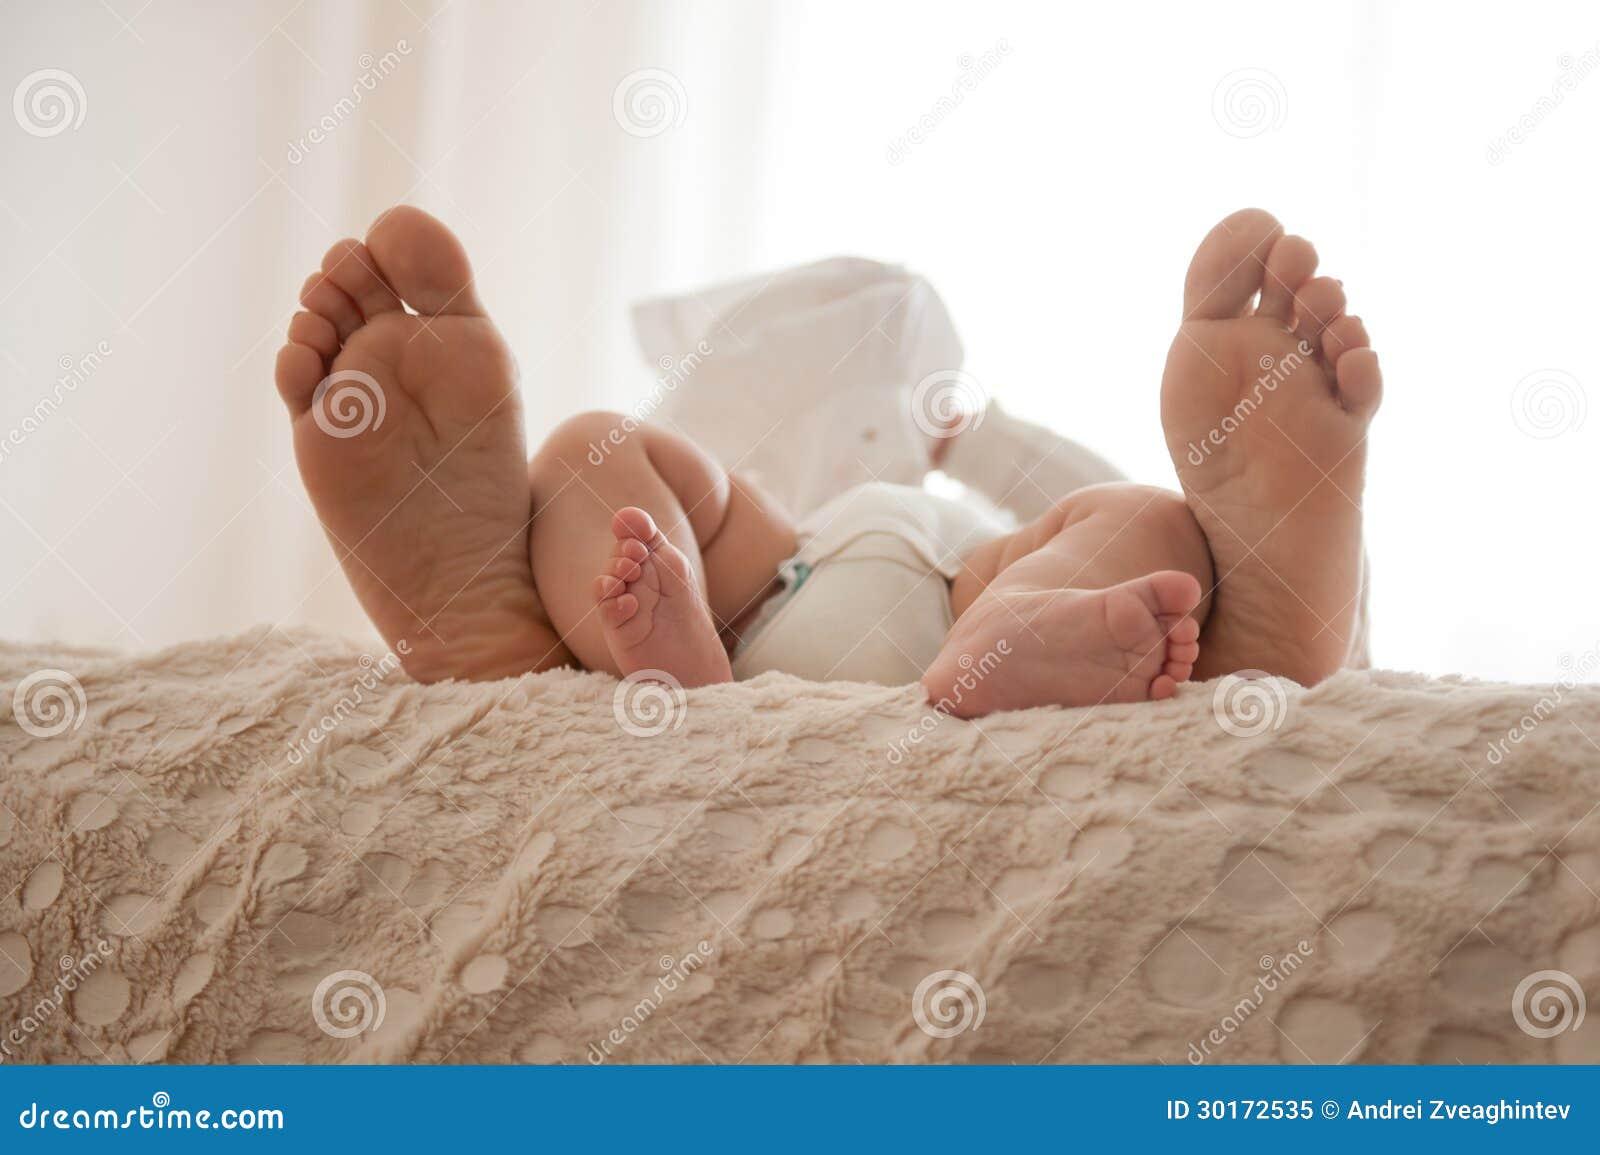 Фото ног в кровате 2 фотография